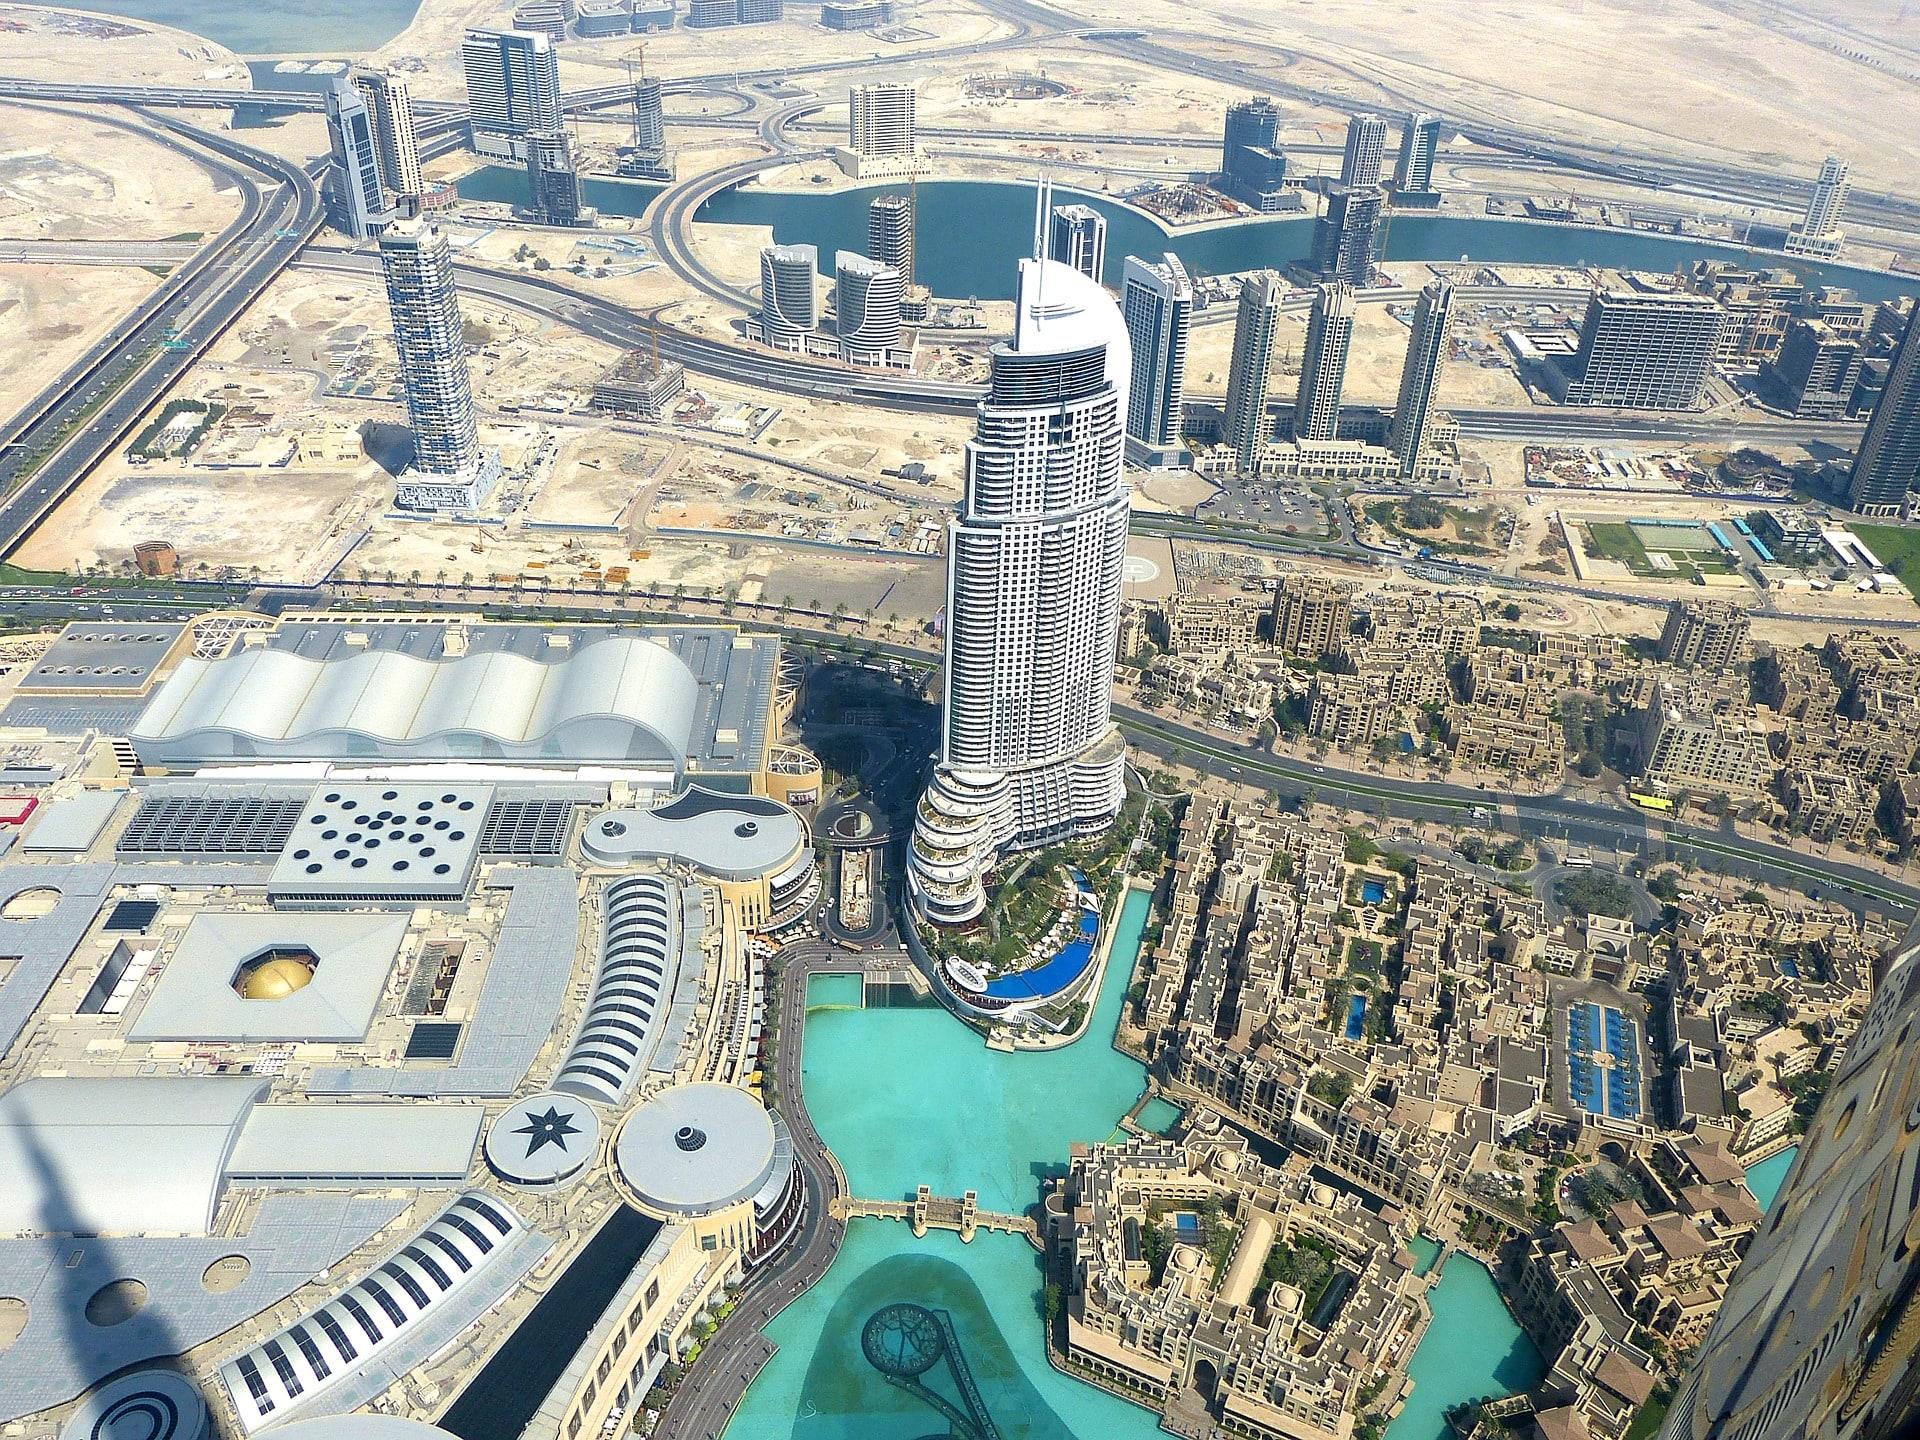 Ubezpiecz się przed podróżą do Zjednoczonych Emiratów Arabskich.